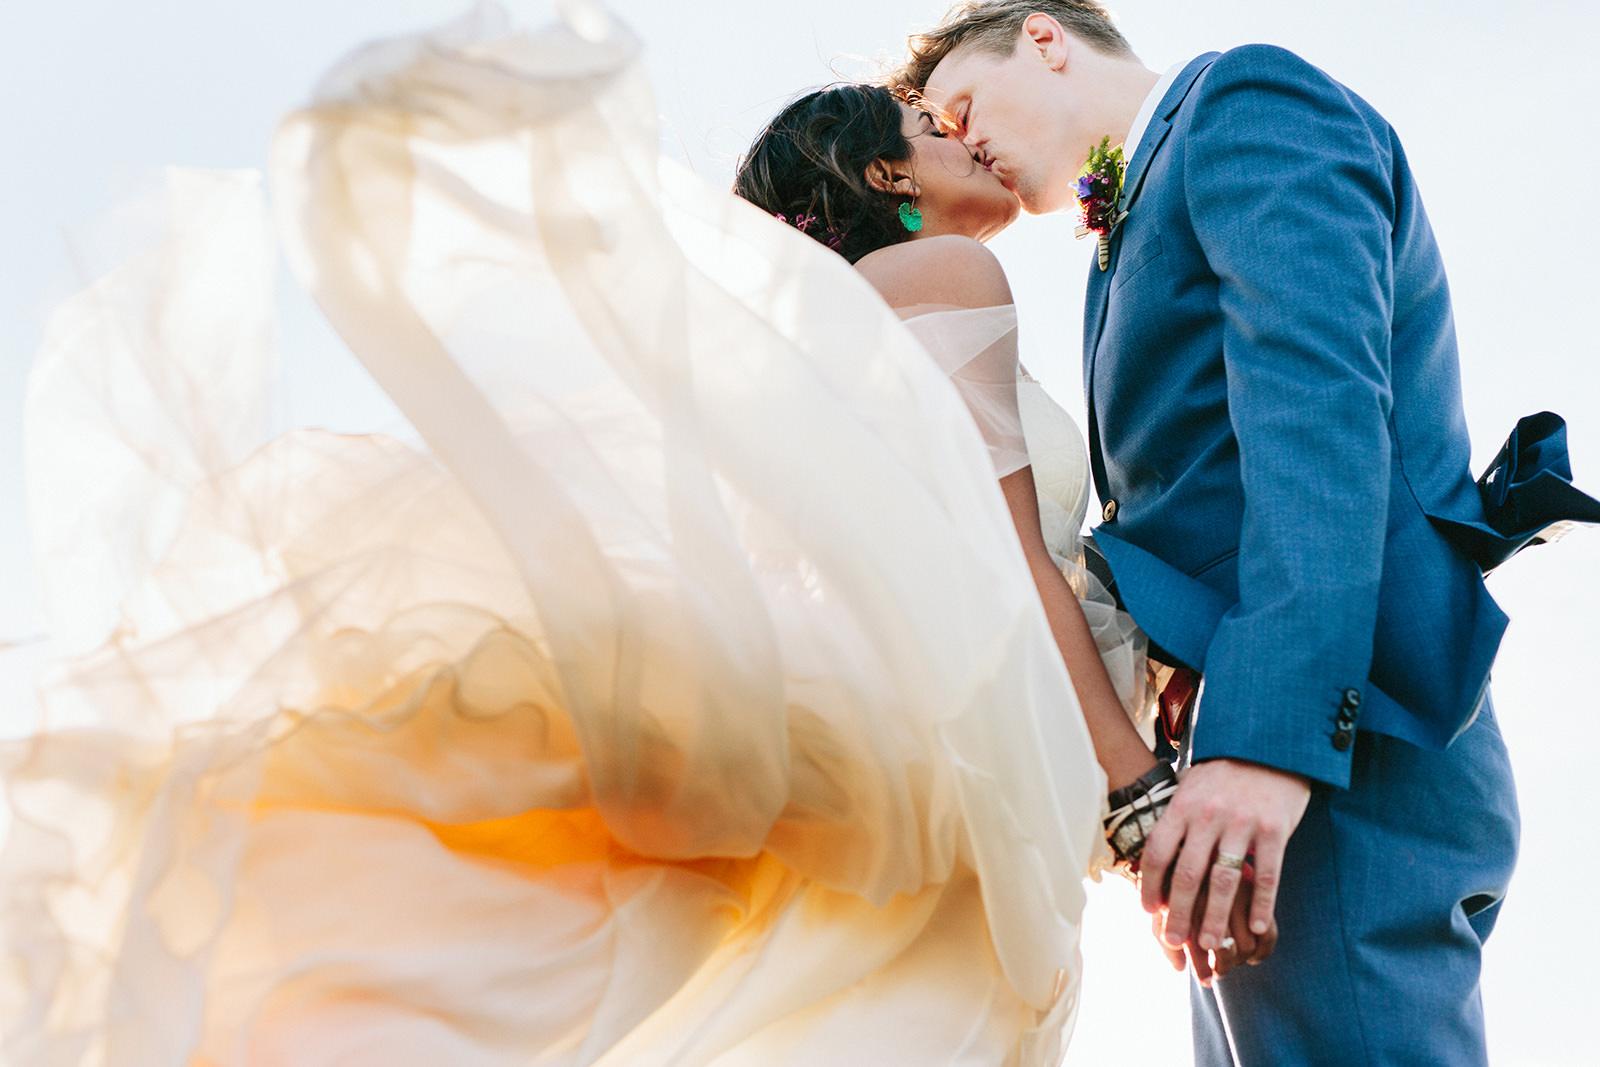 morningwild-rhubarb-elopement-photos-01